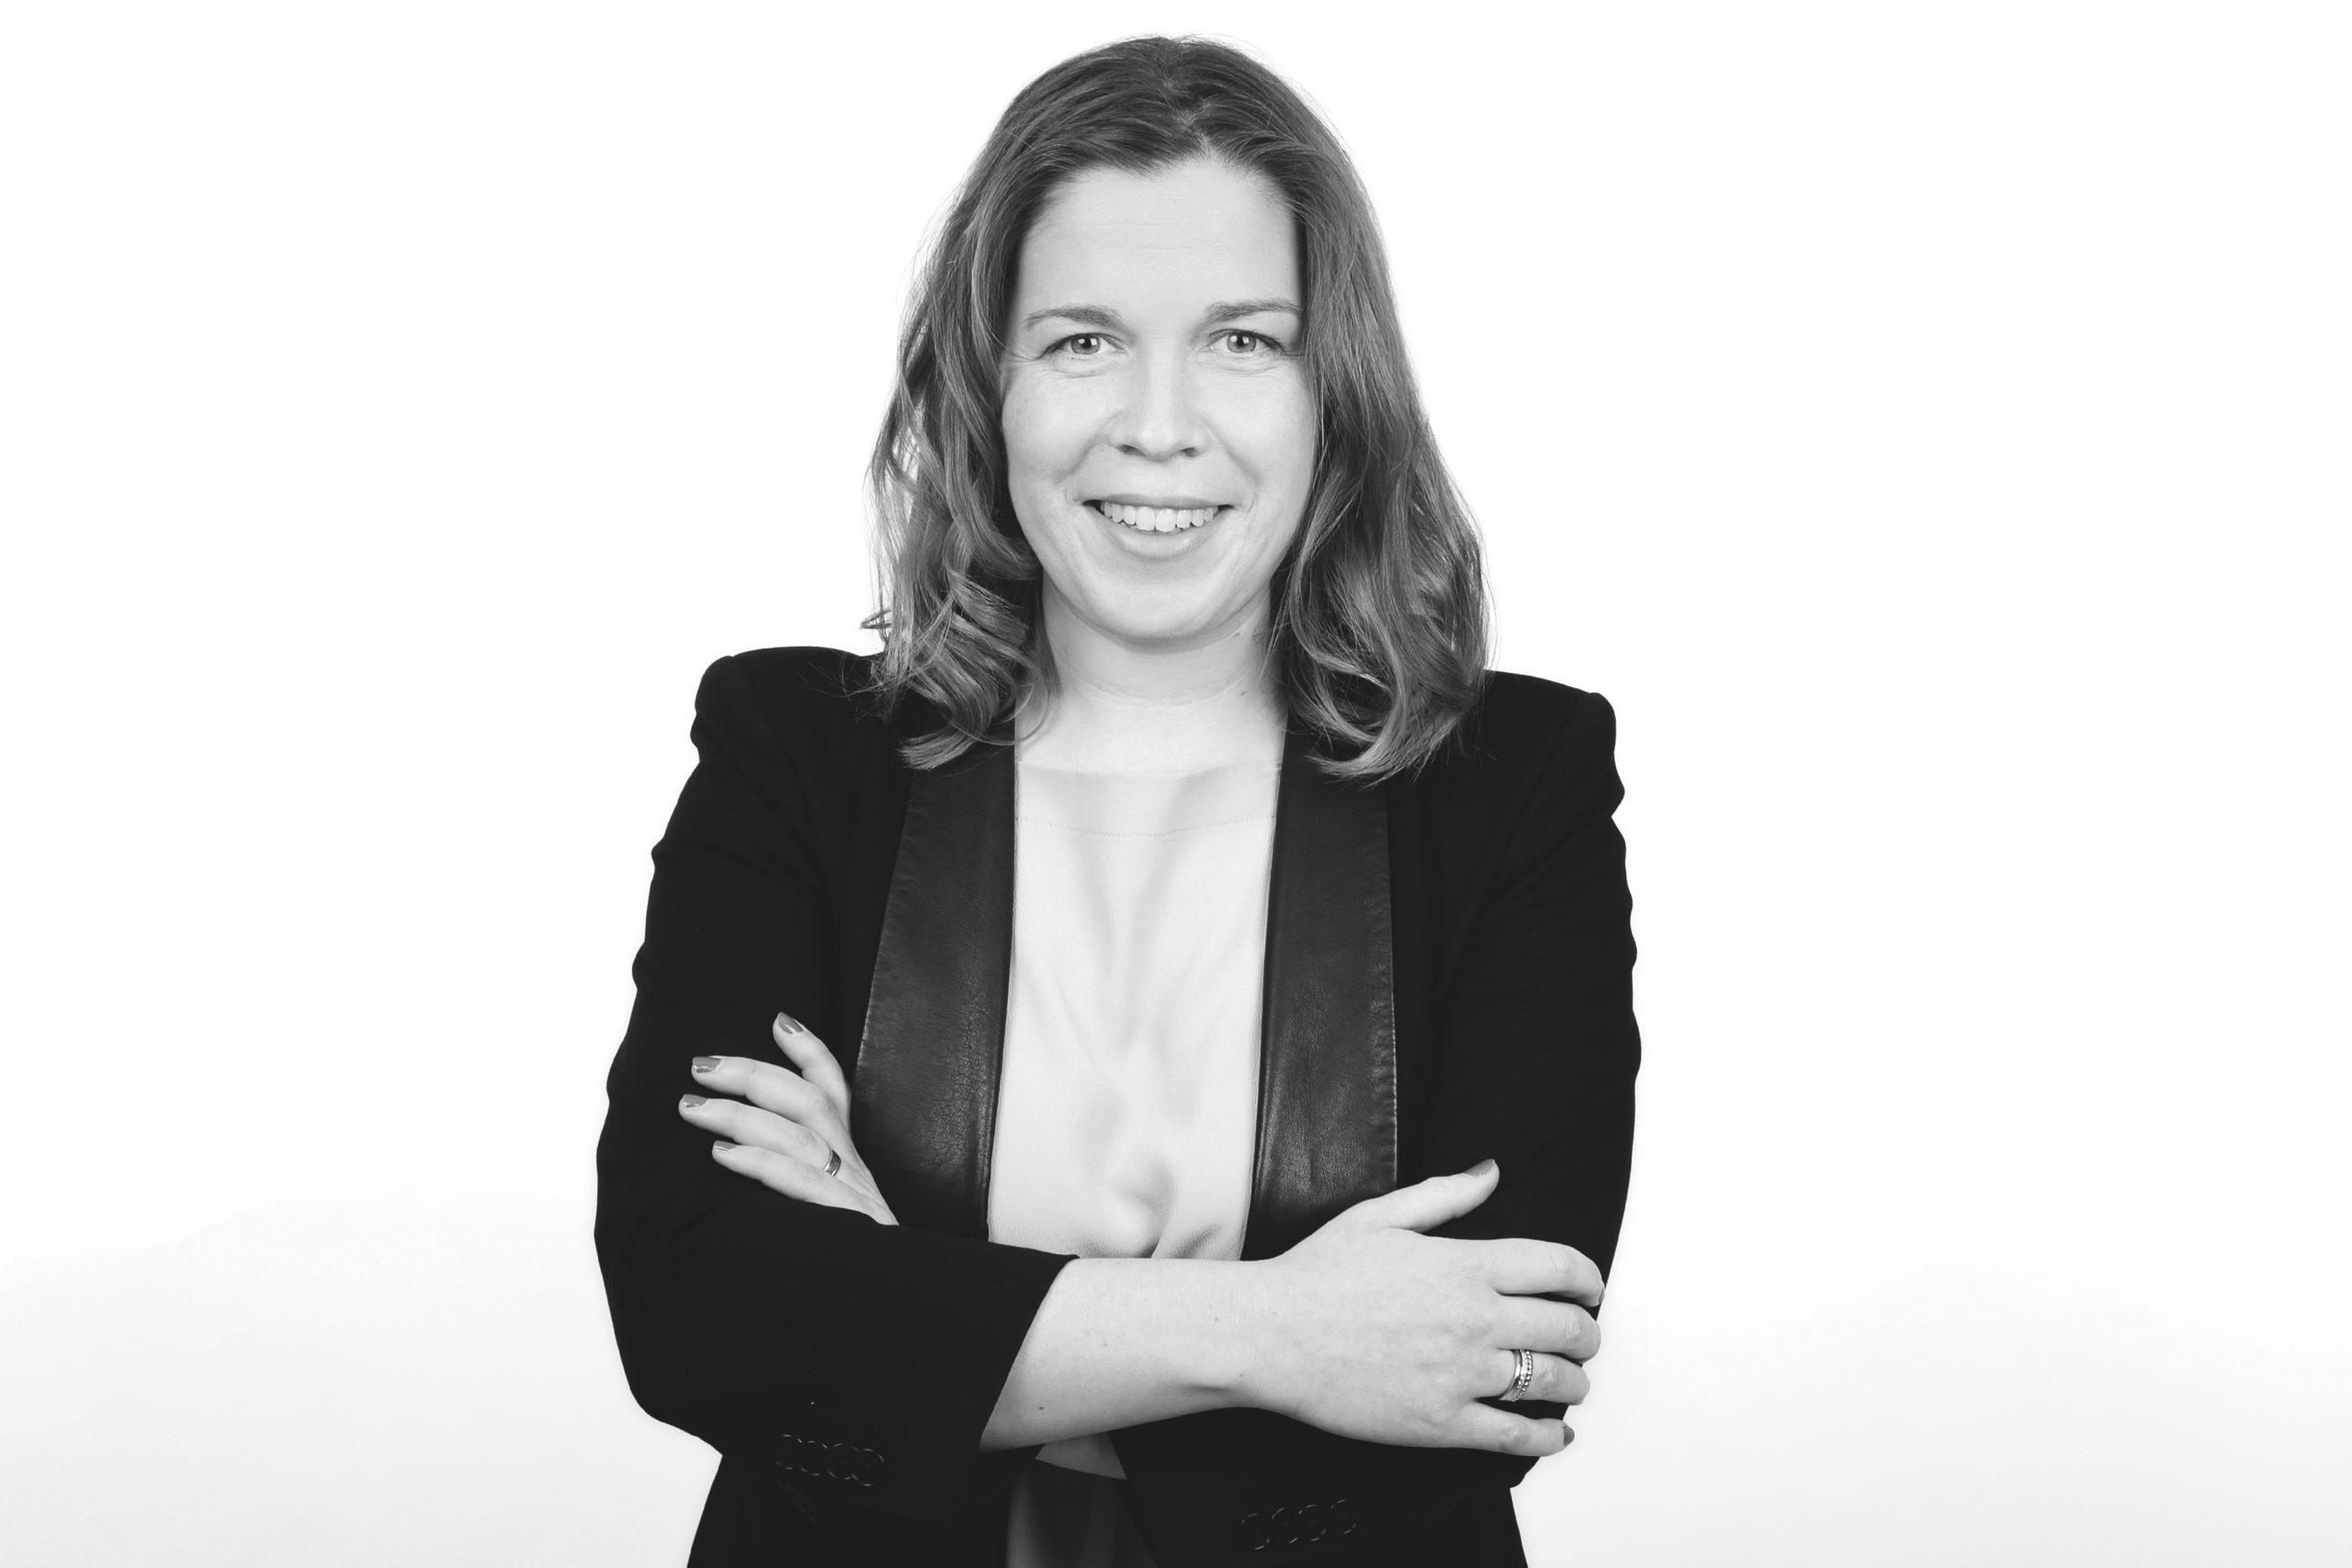 Manuela Schwarz Profilbild